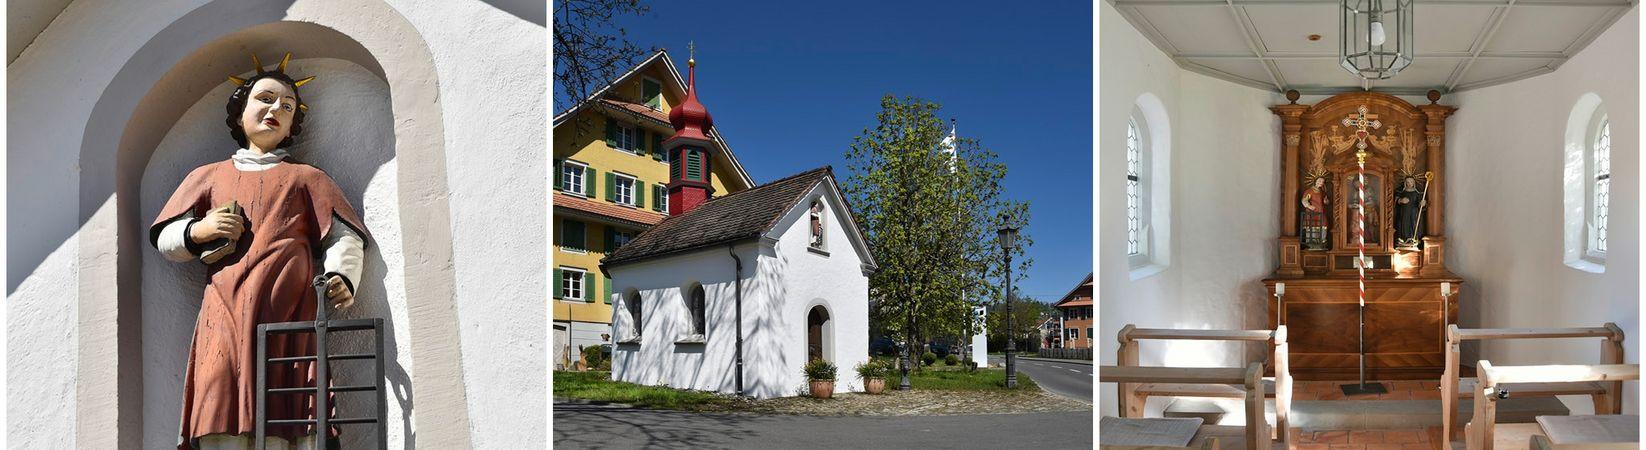 Baldegg Kloster - Richensee, Kapellenweg im Seetal